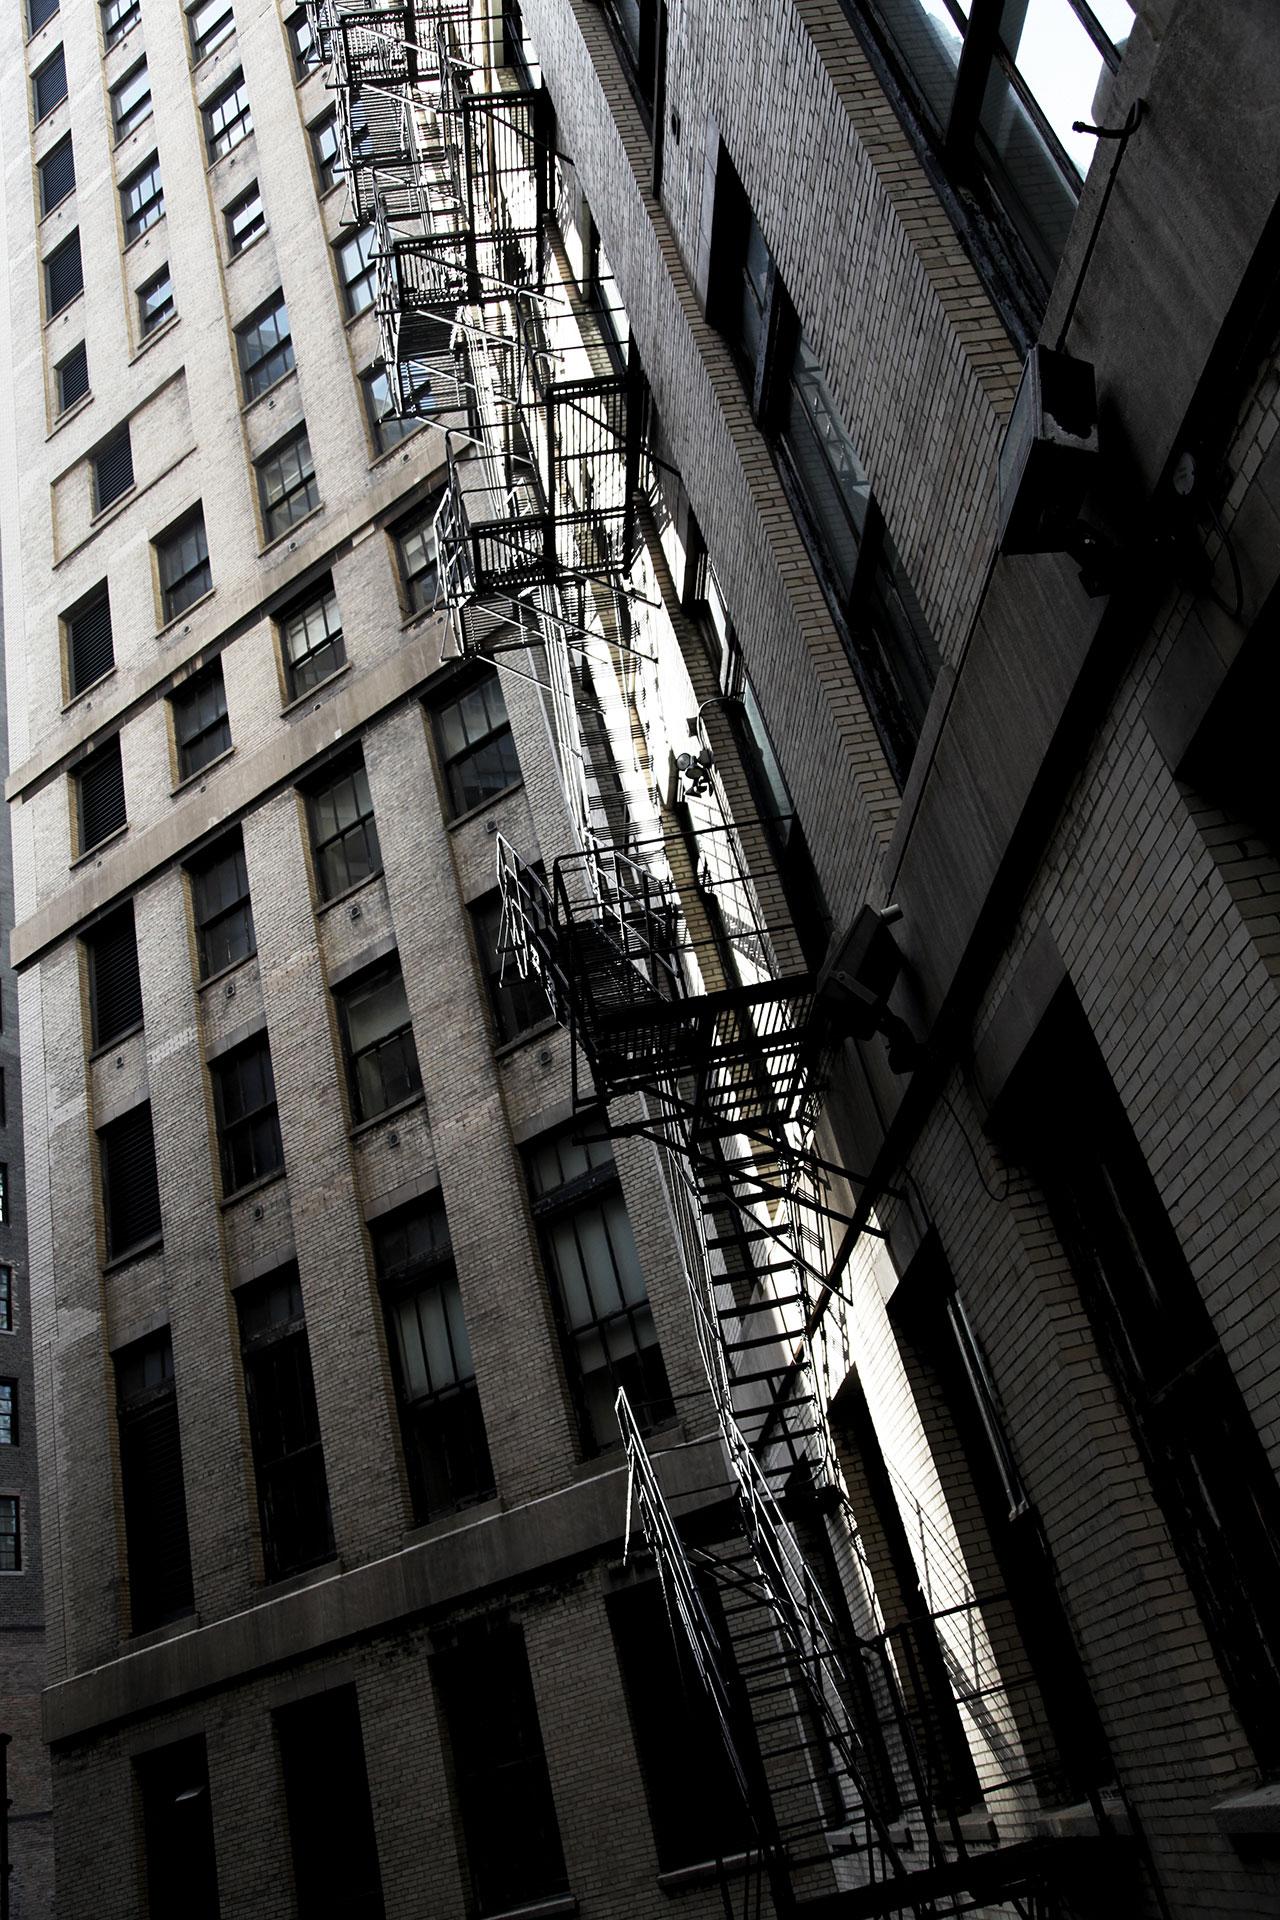 Rudy-Poe-Chicago_fire_escape-1920-web.jpg